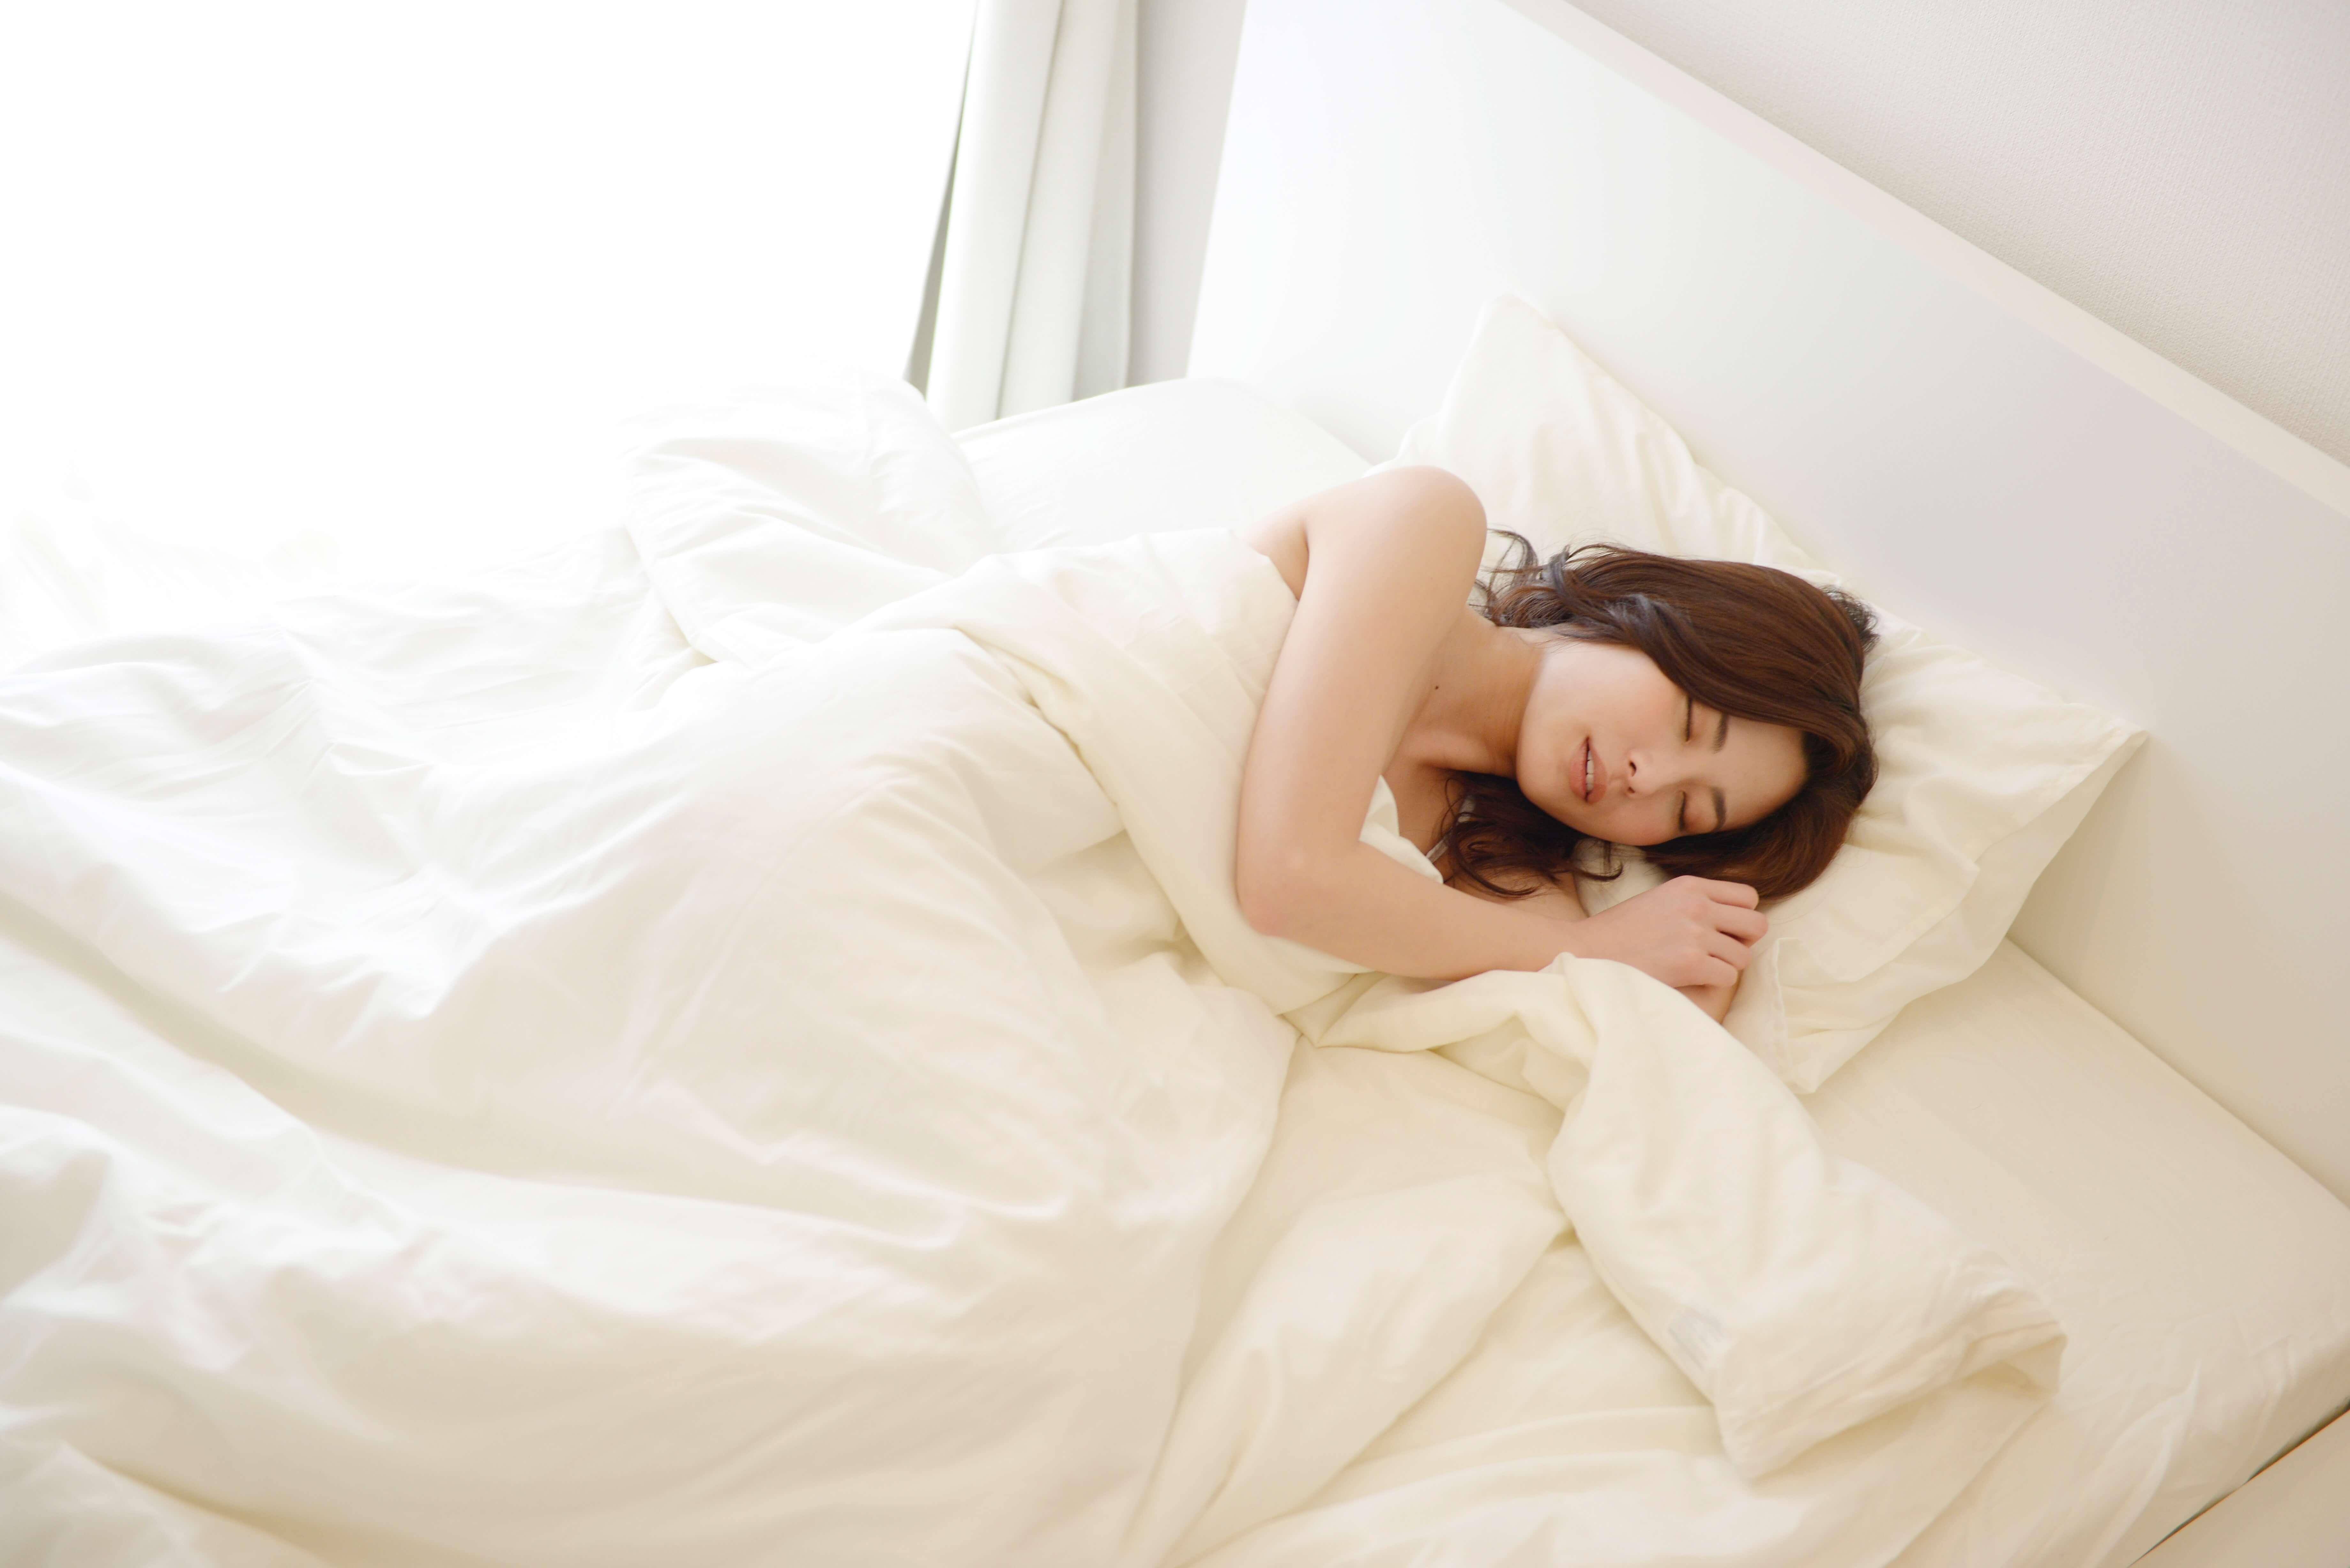 あのモデルも実践!?全裸睡眠で得られる効果とは!?